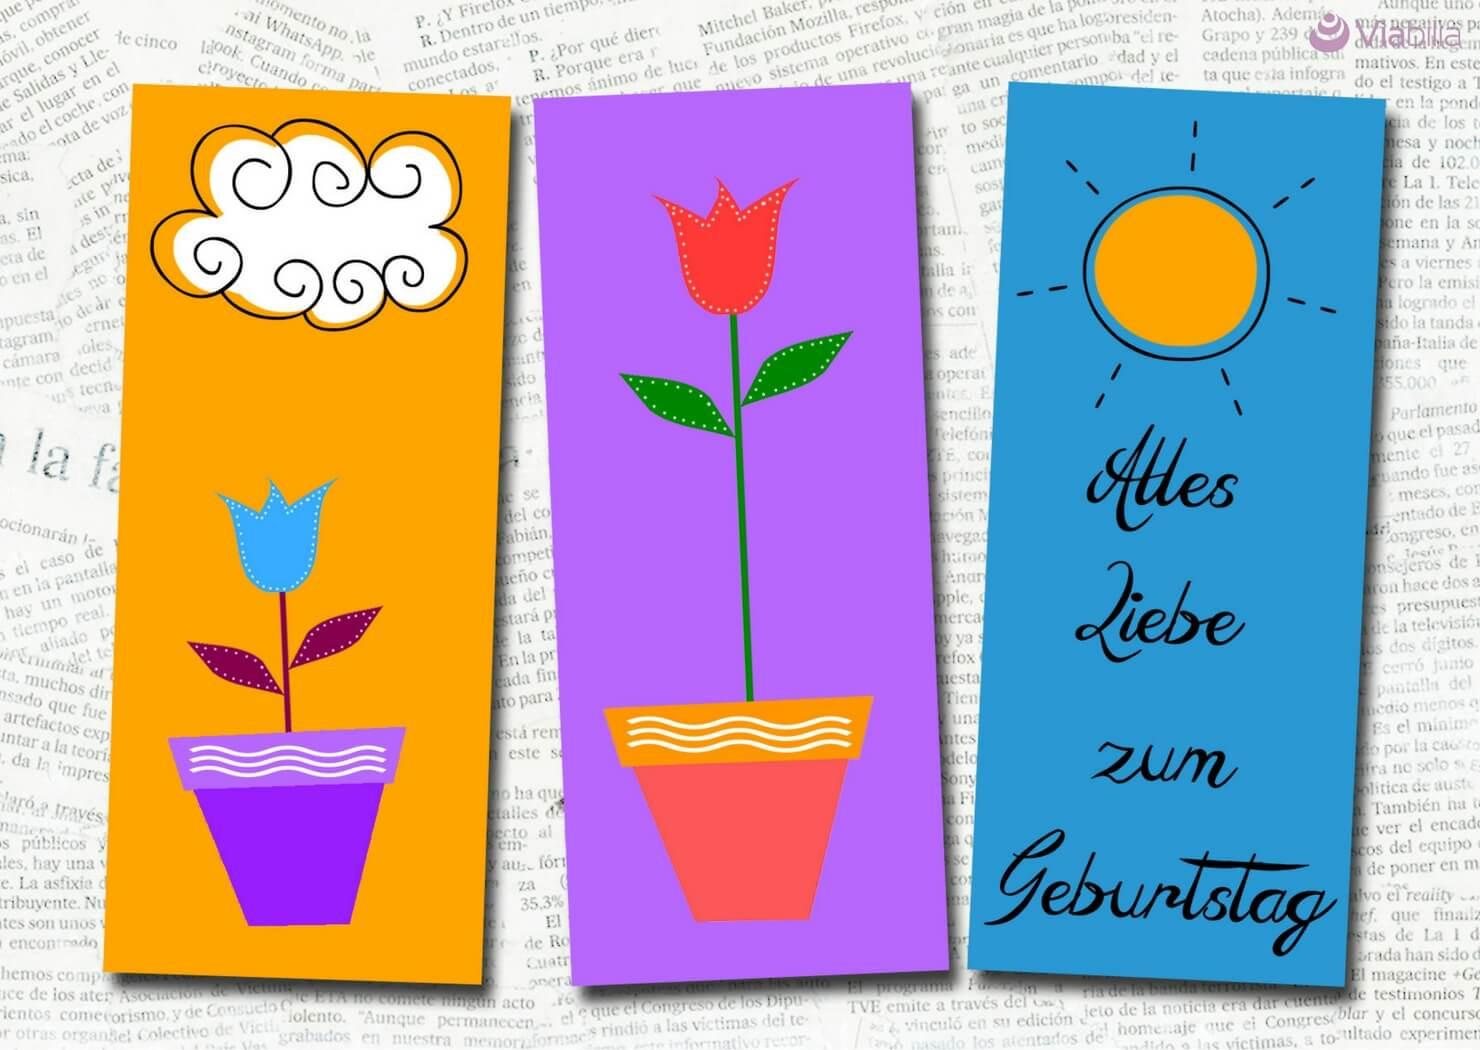 Geburtstagskarten Gratis  Geburtstagskarten kostenlos als PDF ausdrucken